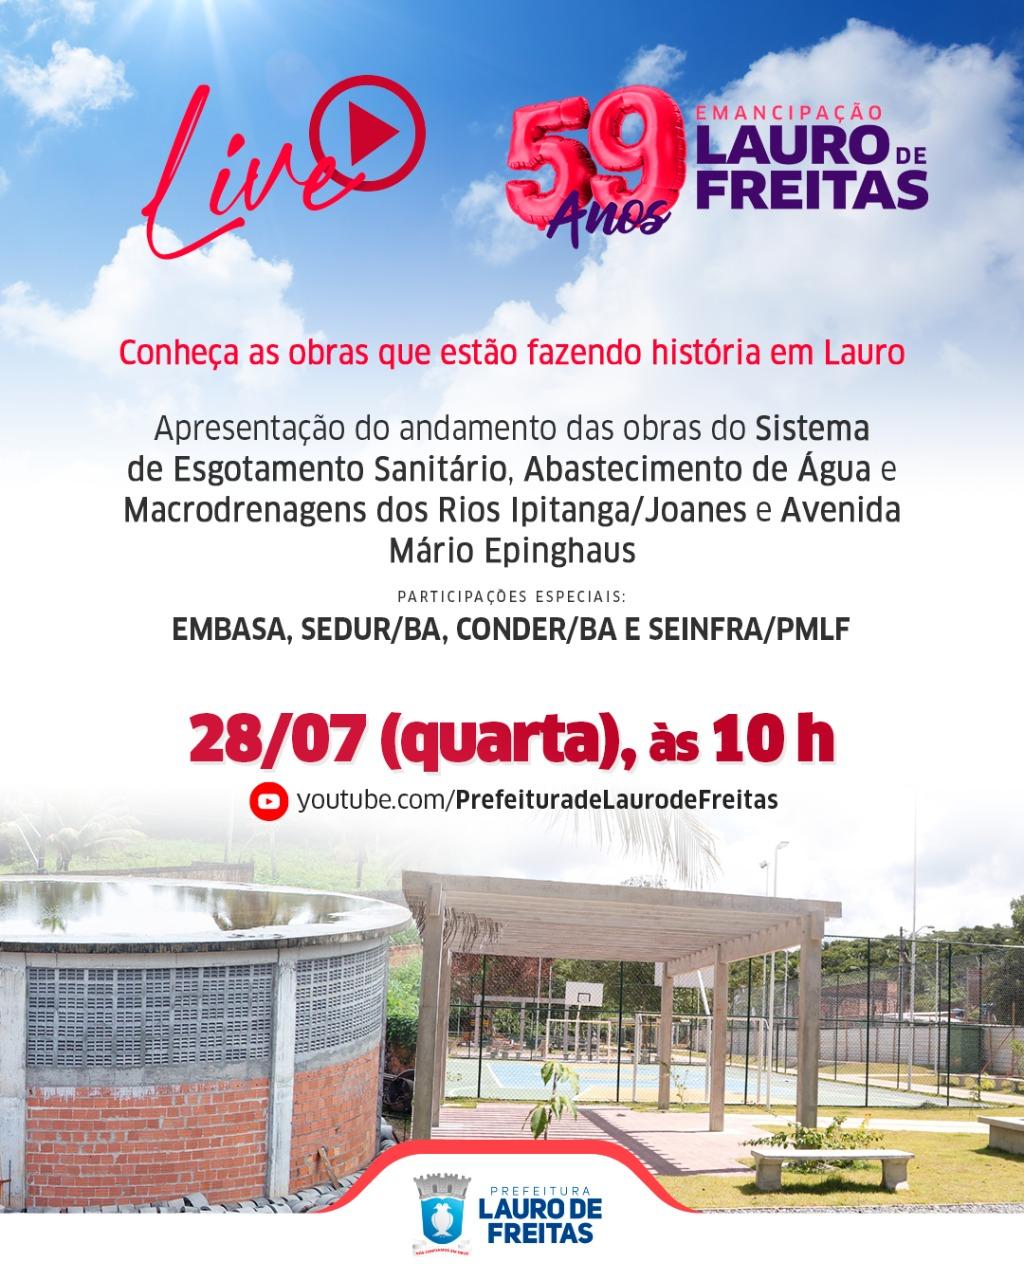 Live sobre obras de esgotamento sanitário e macrodrenagens marca início das comemorações dos 59 anos de Lauro de Freitas